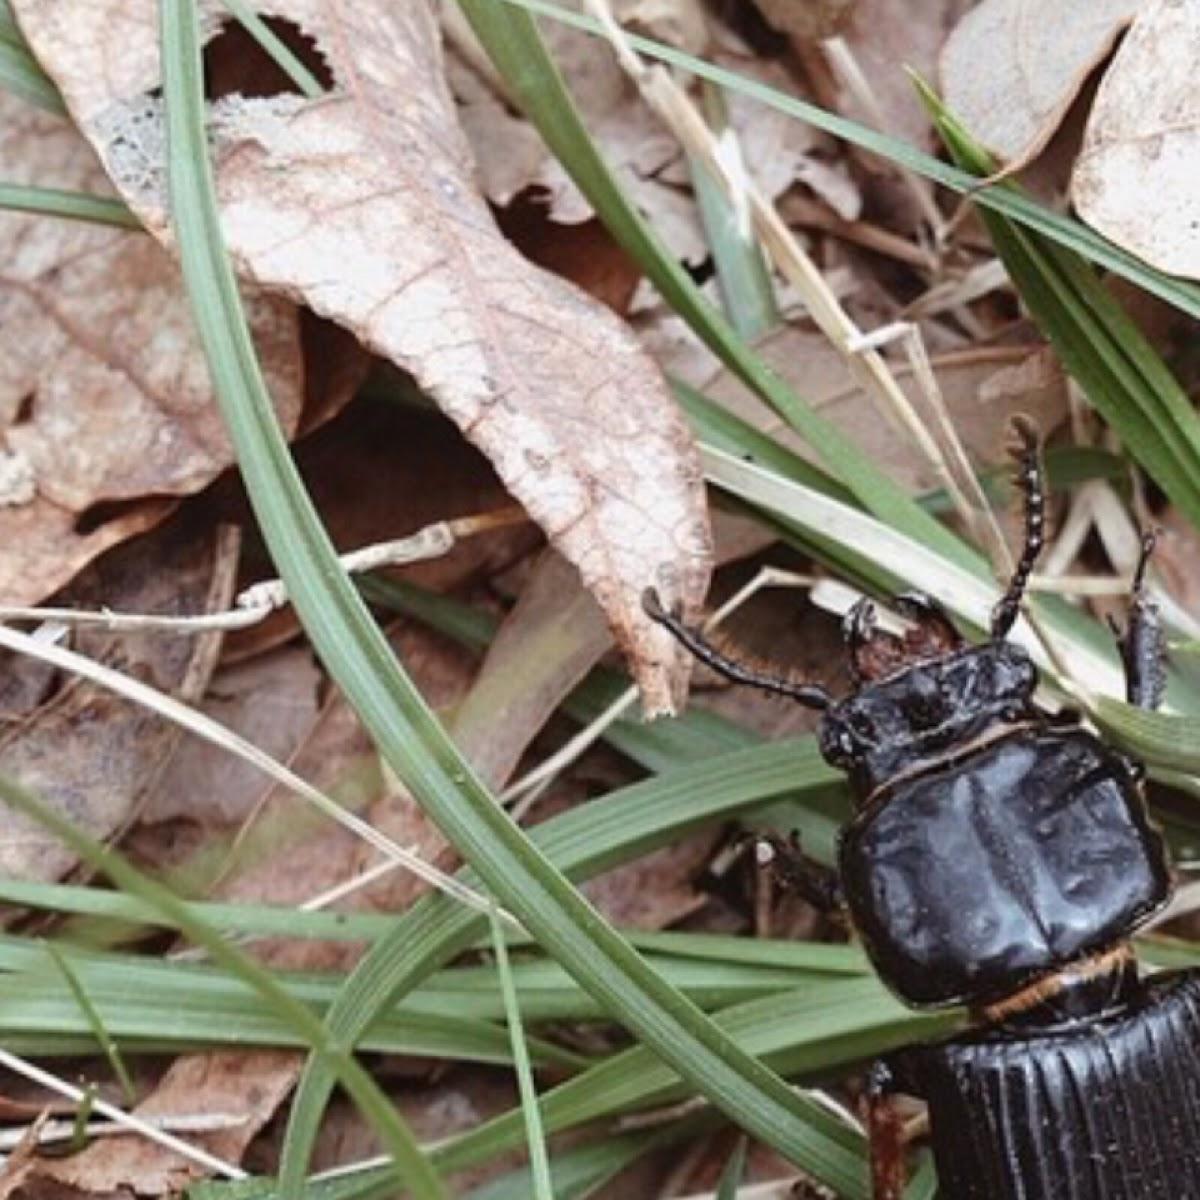 Patent leather beetle, Jerusalem beetle